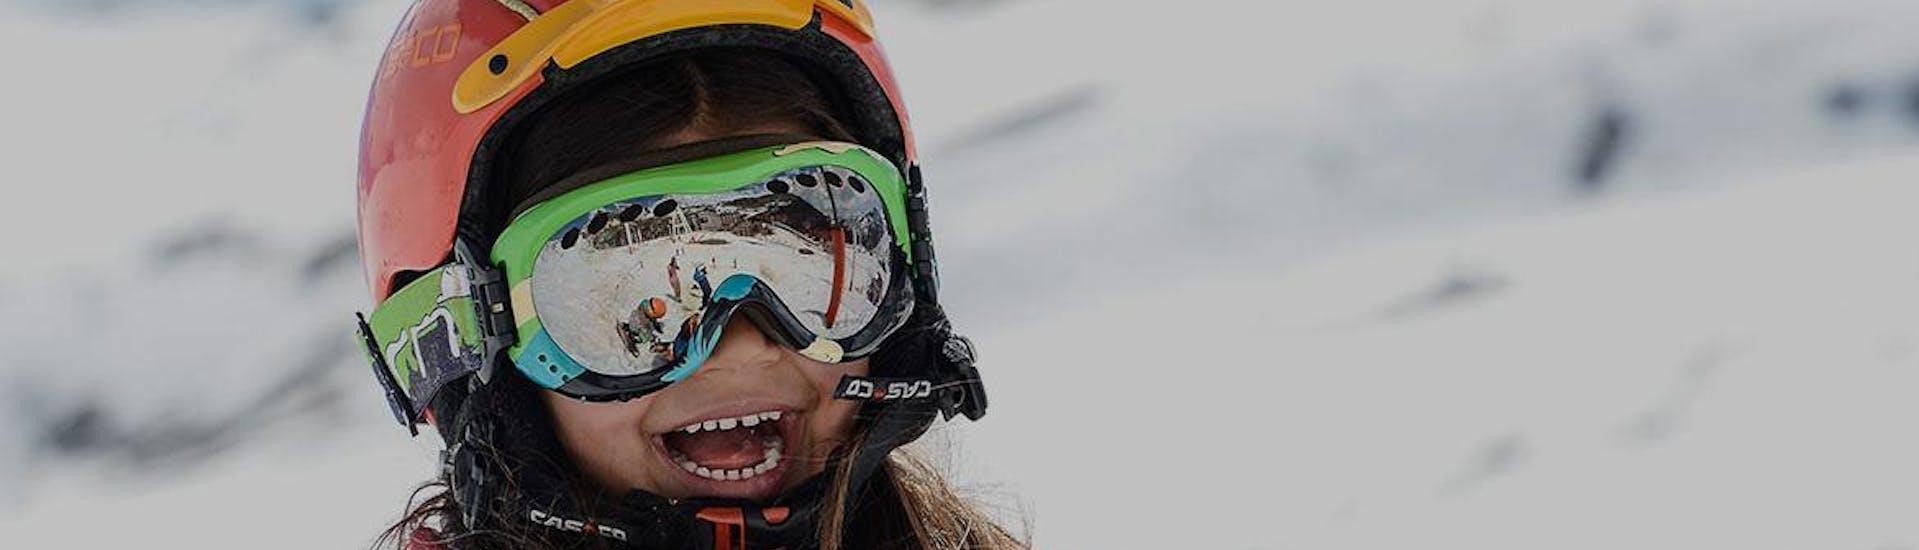 Une petite fille s'amuse avec d'autres enfants pendant un Cours de ski pour Enfants (5-13 ans) - Tous niveaux avec l'école de ski Prosneige Val d'Isère.